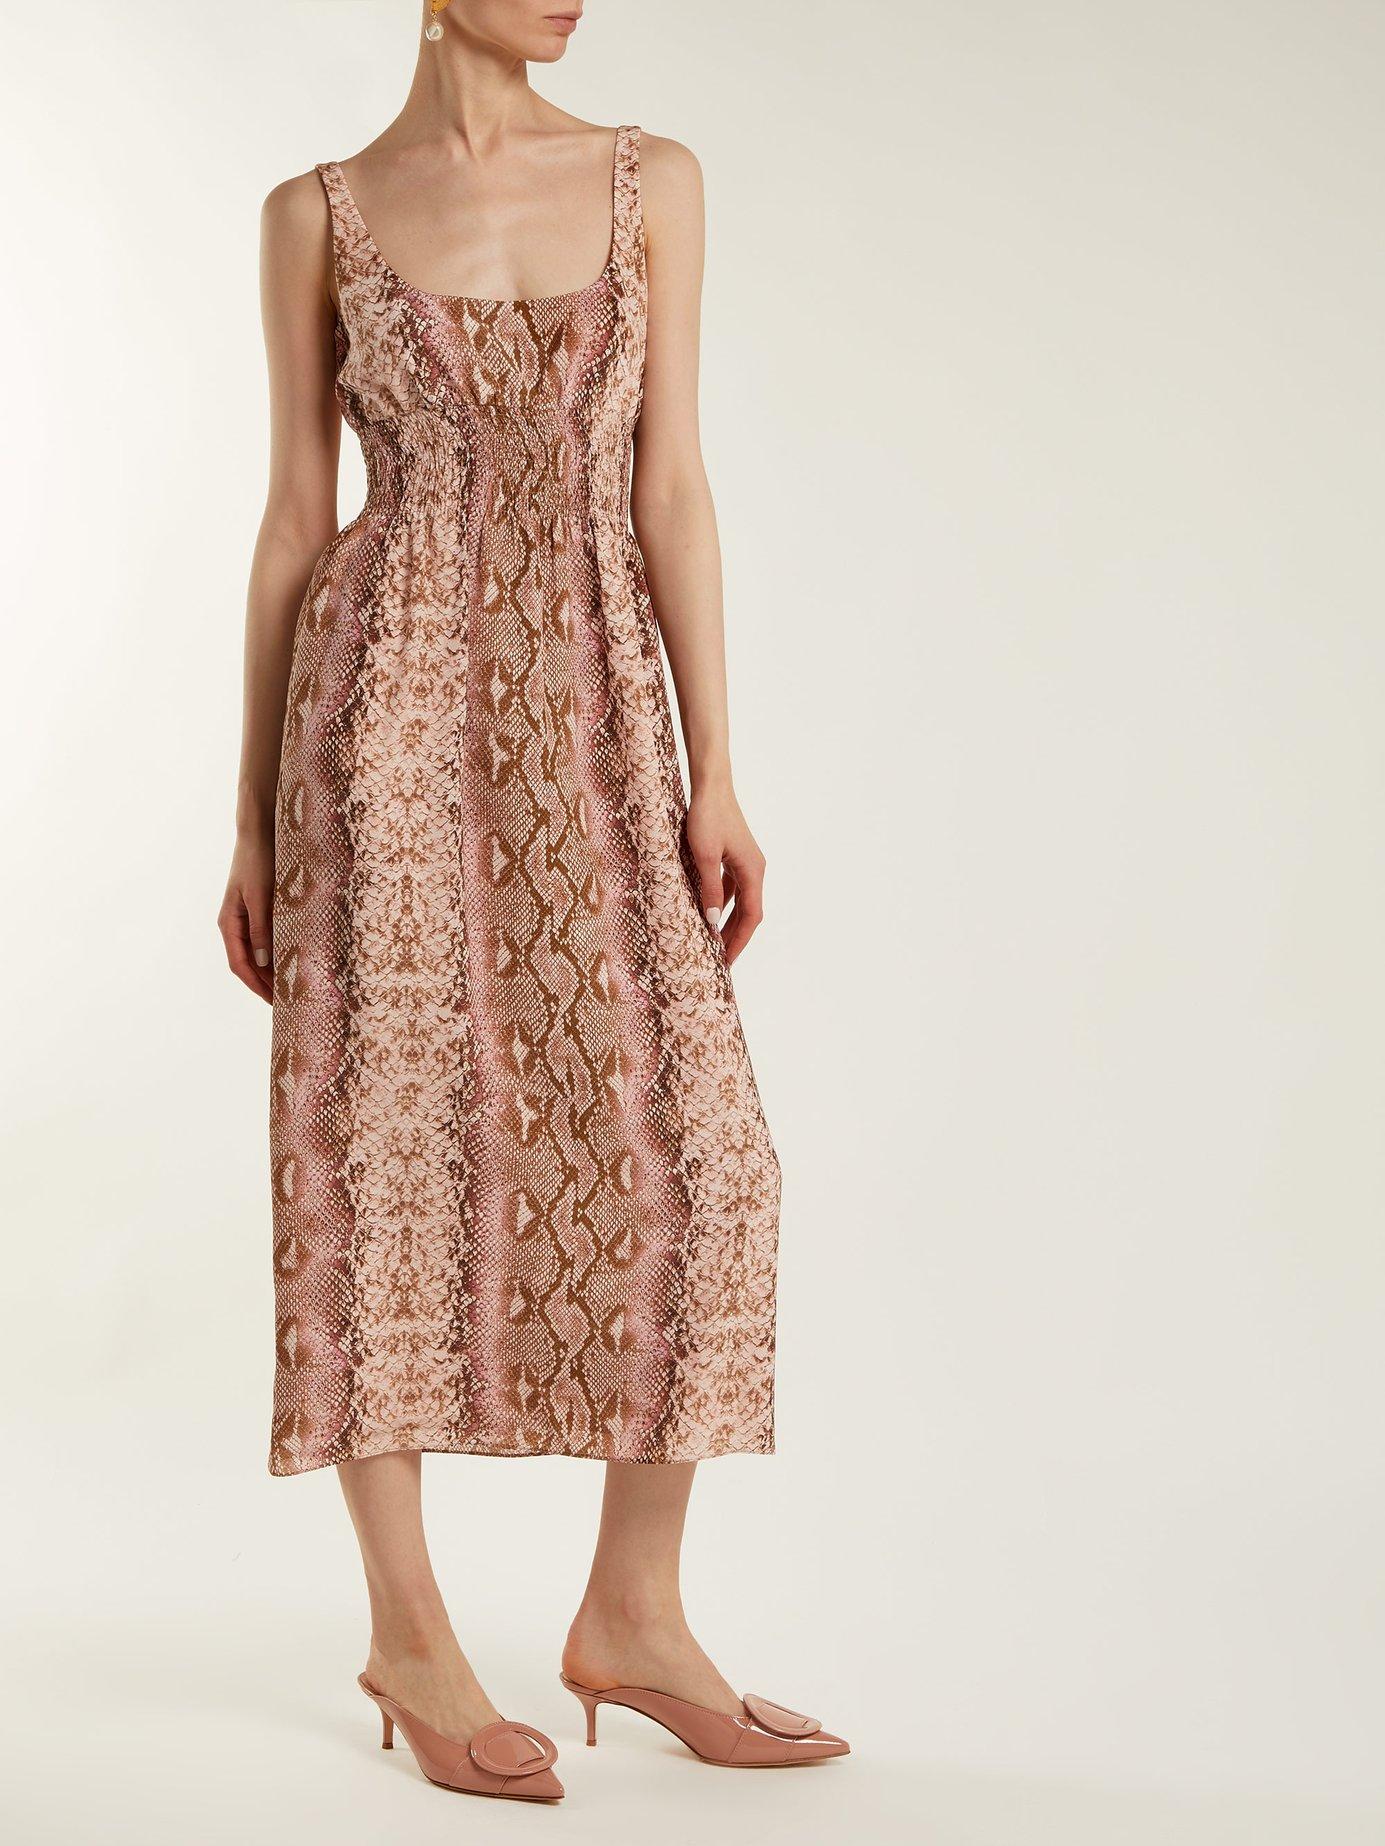 Giovanna python-print silk dress by Emilia Wickstead